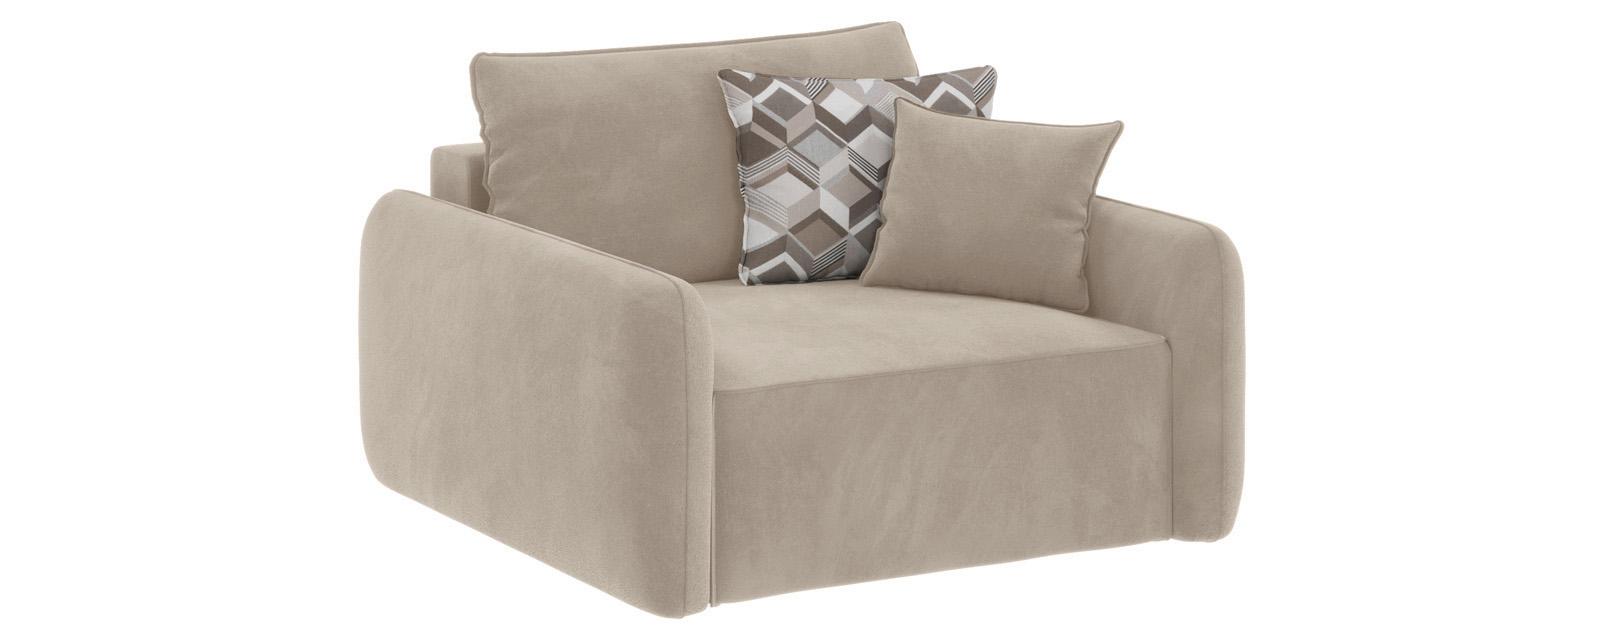 Модульный диван Портленд Soft светло-бежевый (Вел-флок)